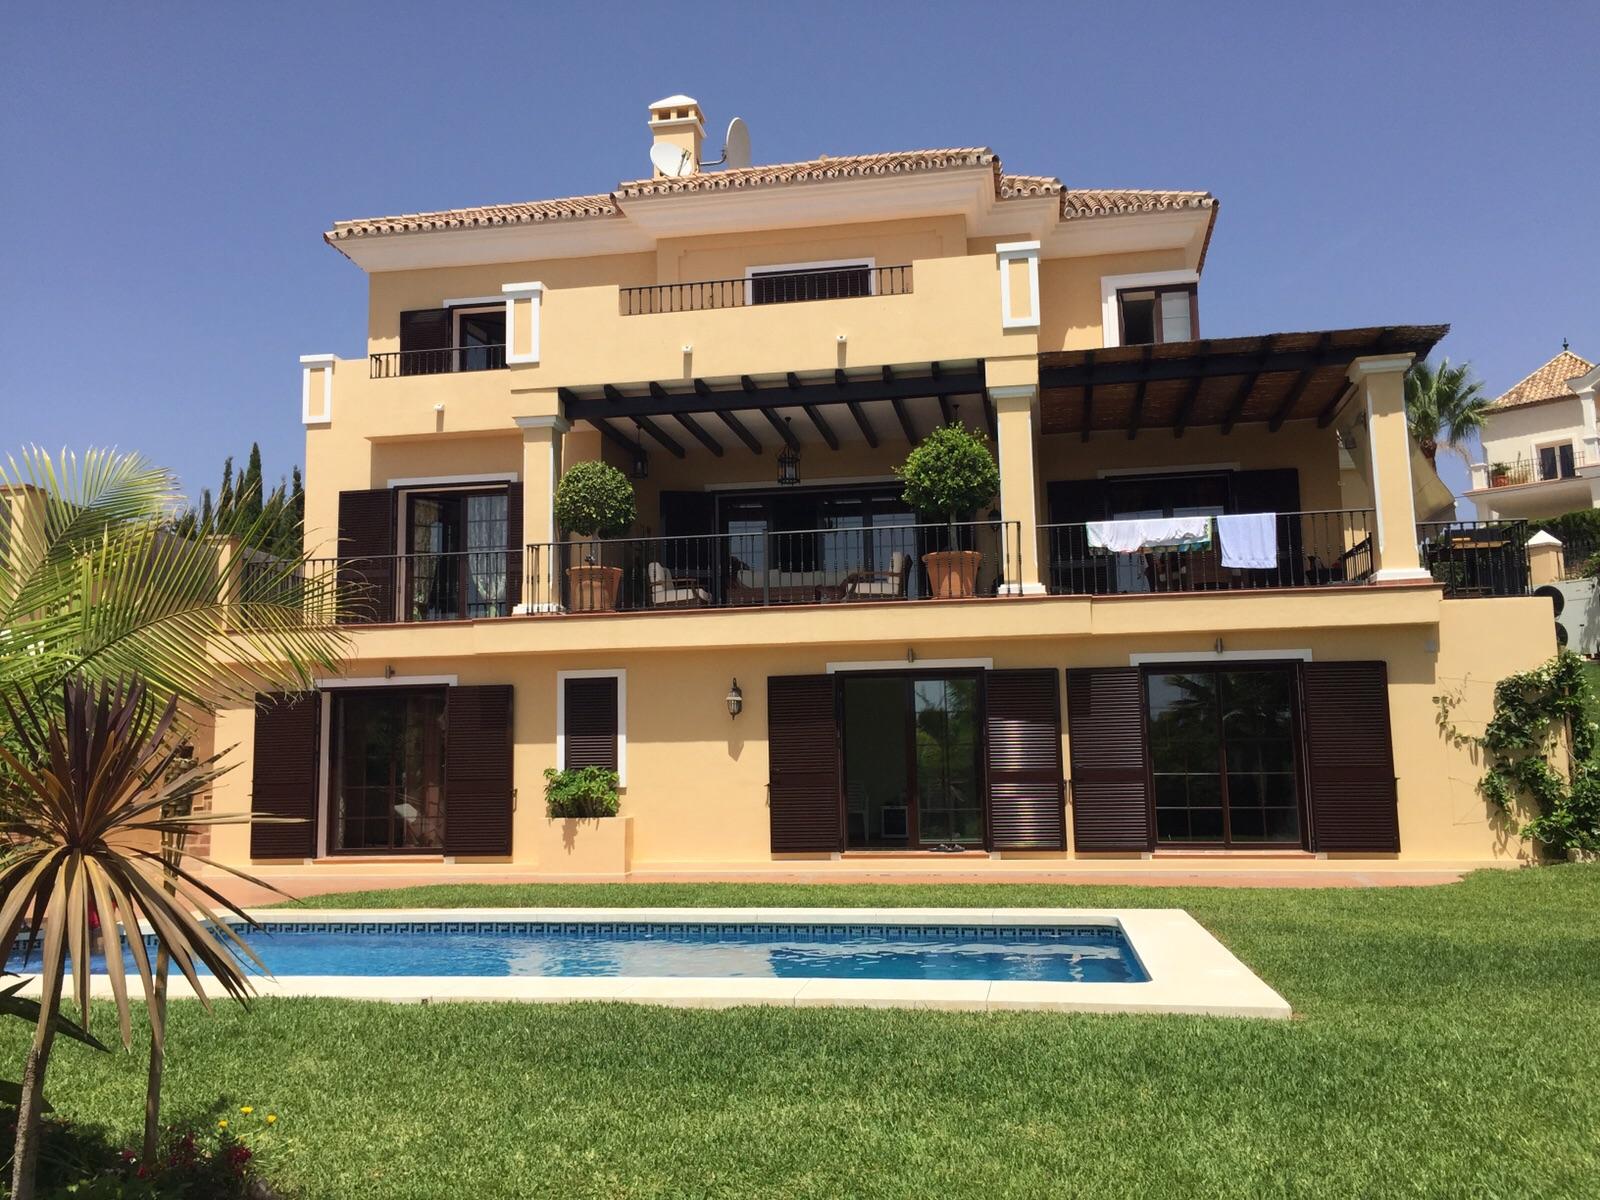 El Rosario Villa for Sale in Marbella